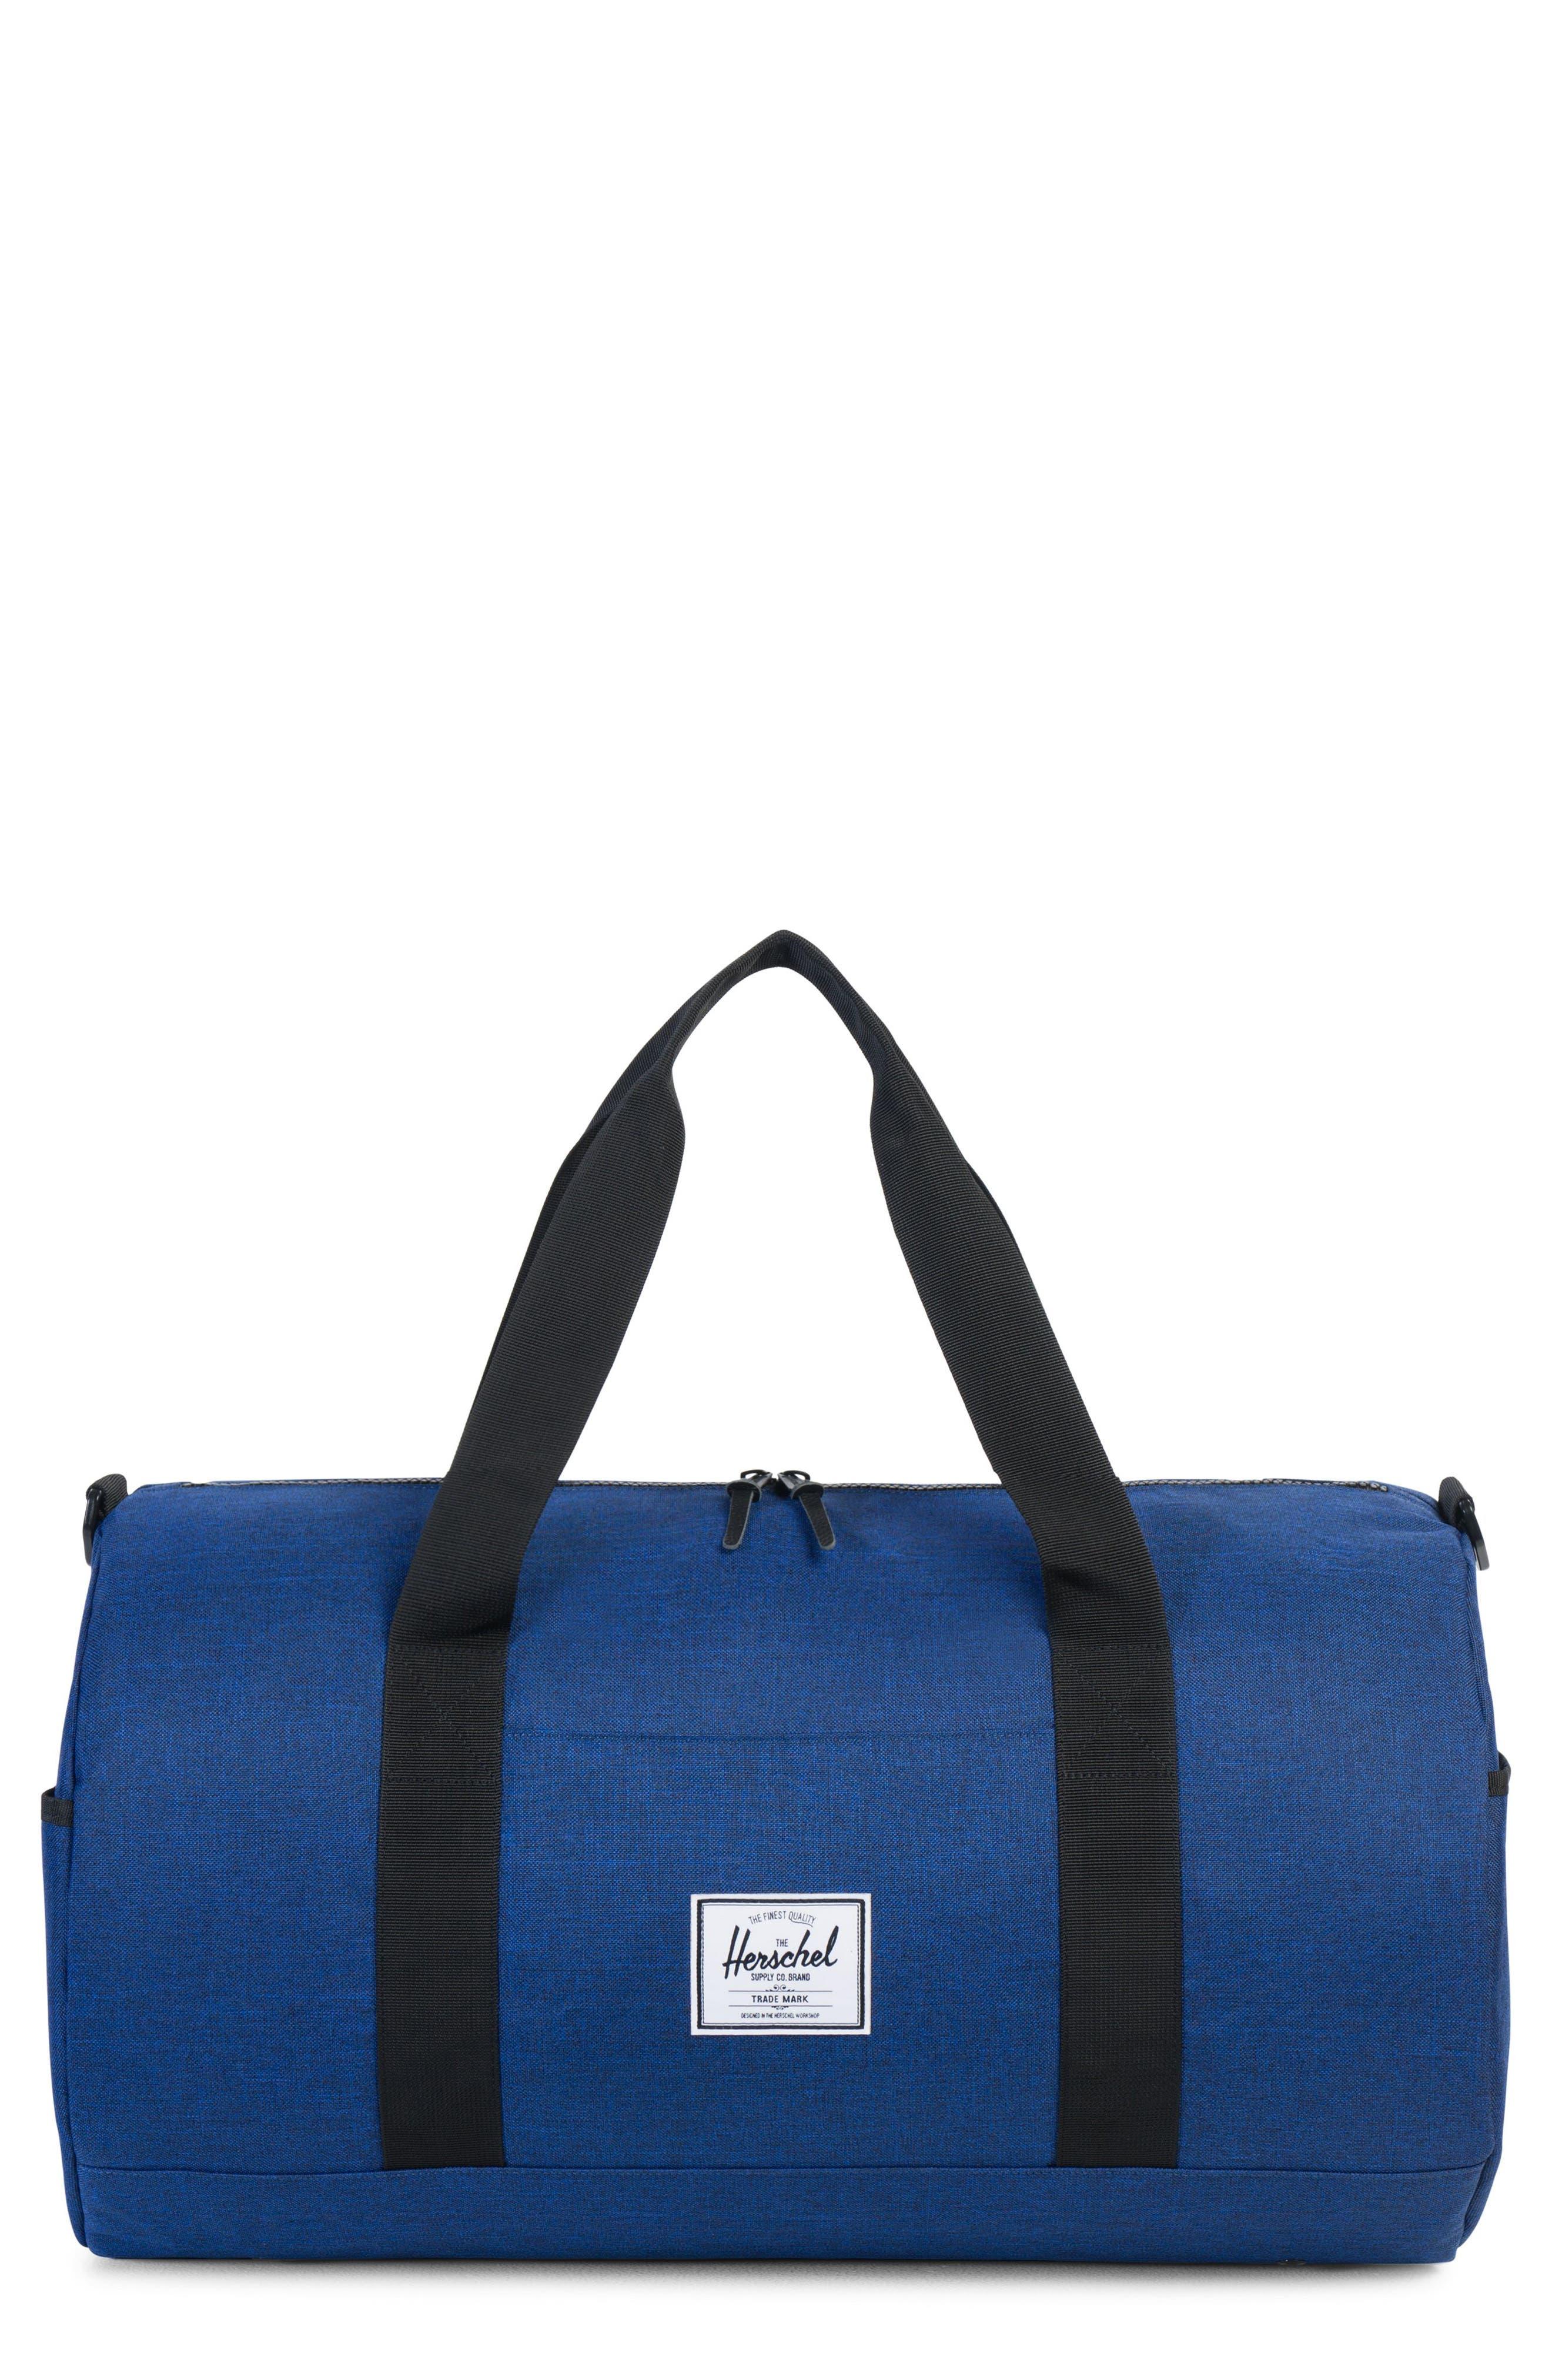 Sutton Duffel Bag,                             Main thumbnail 1, color,                             Eclipse Crosshatch